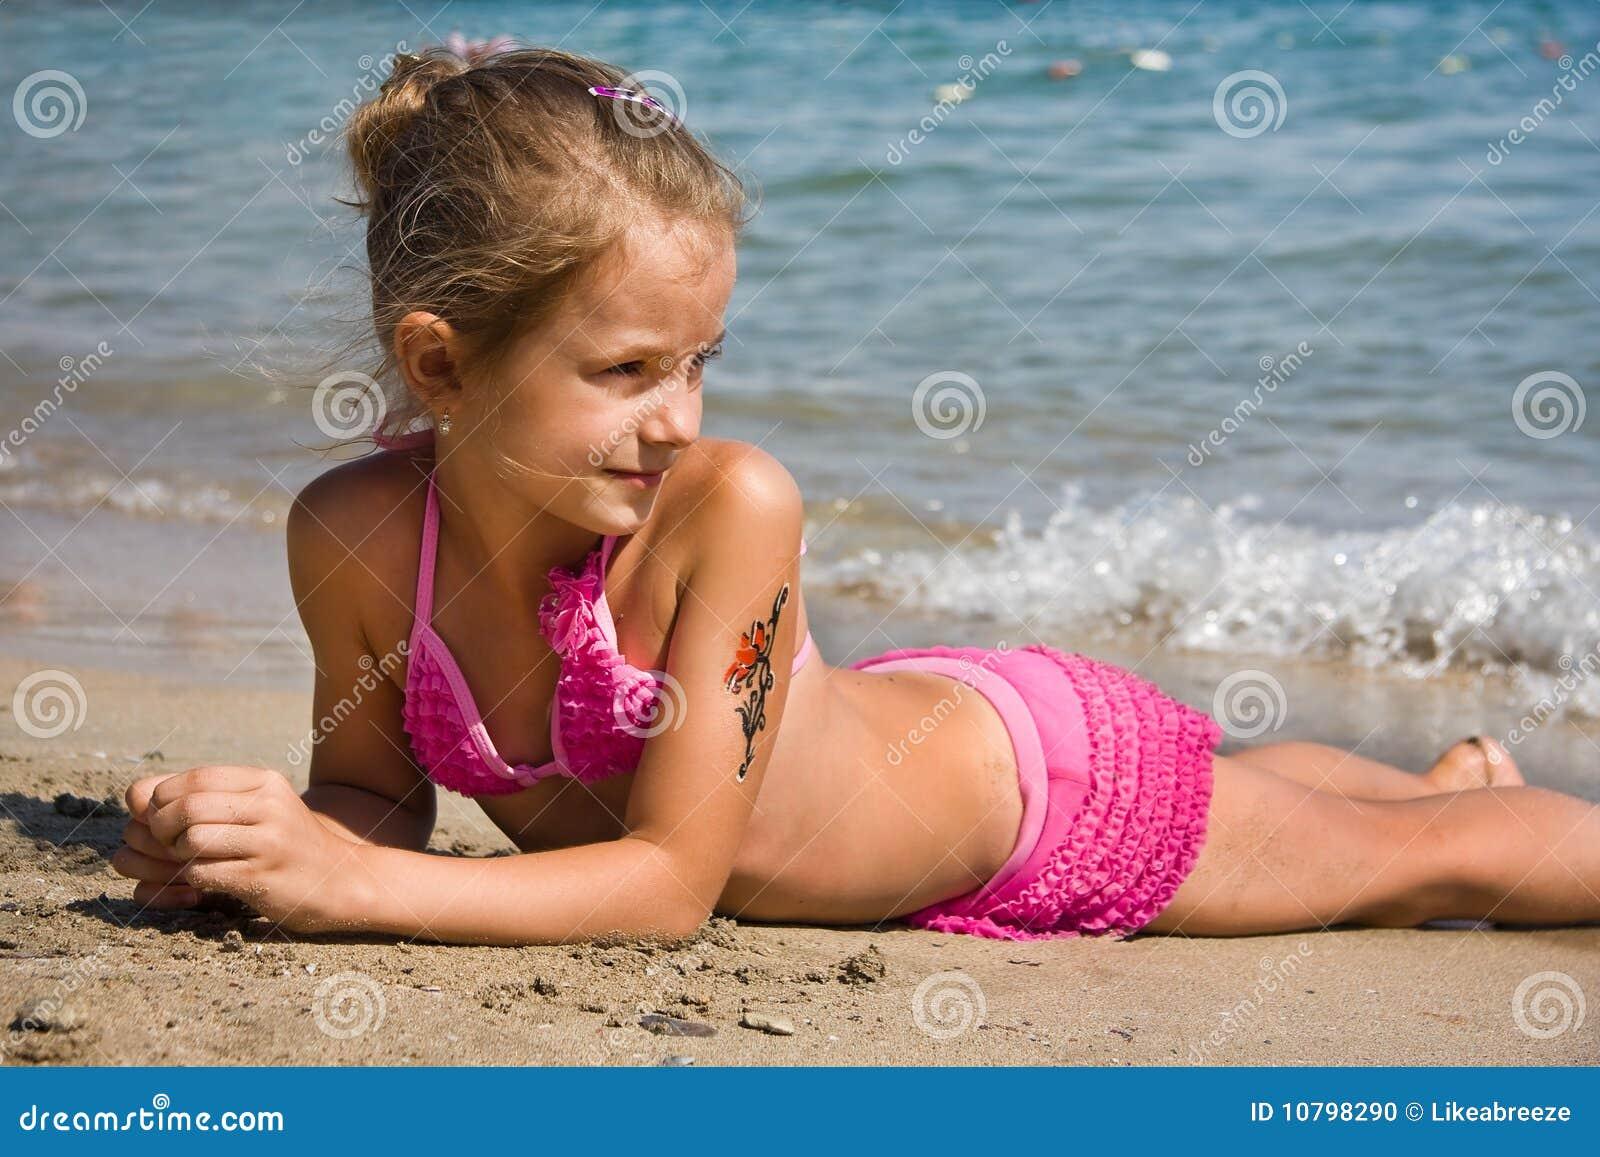 Girls Am Strand